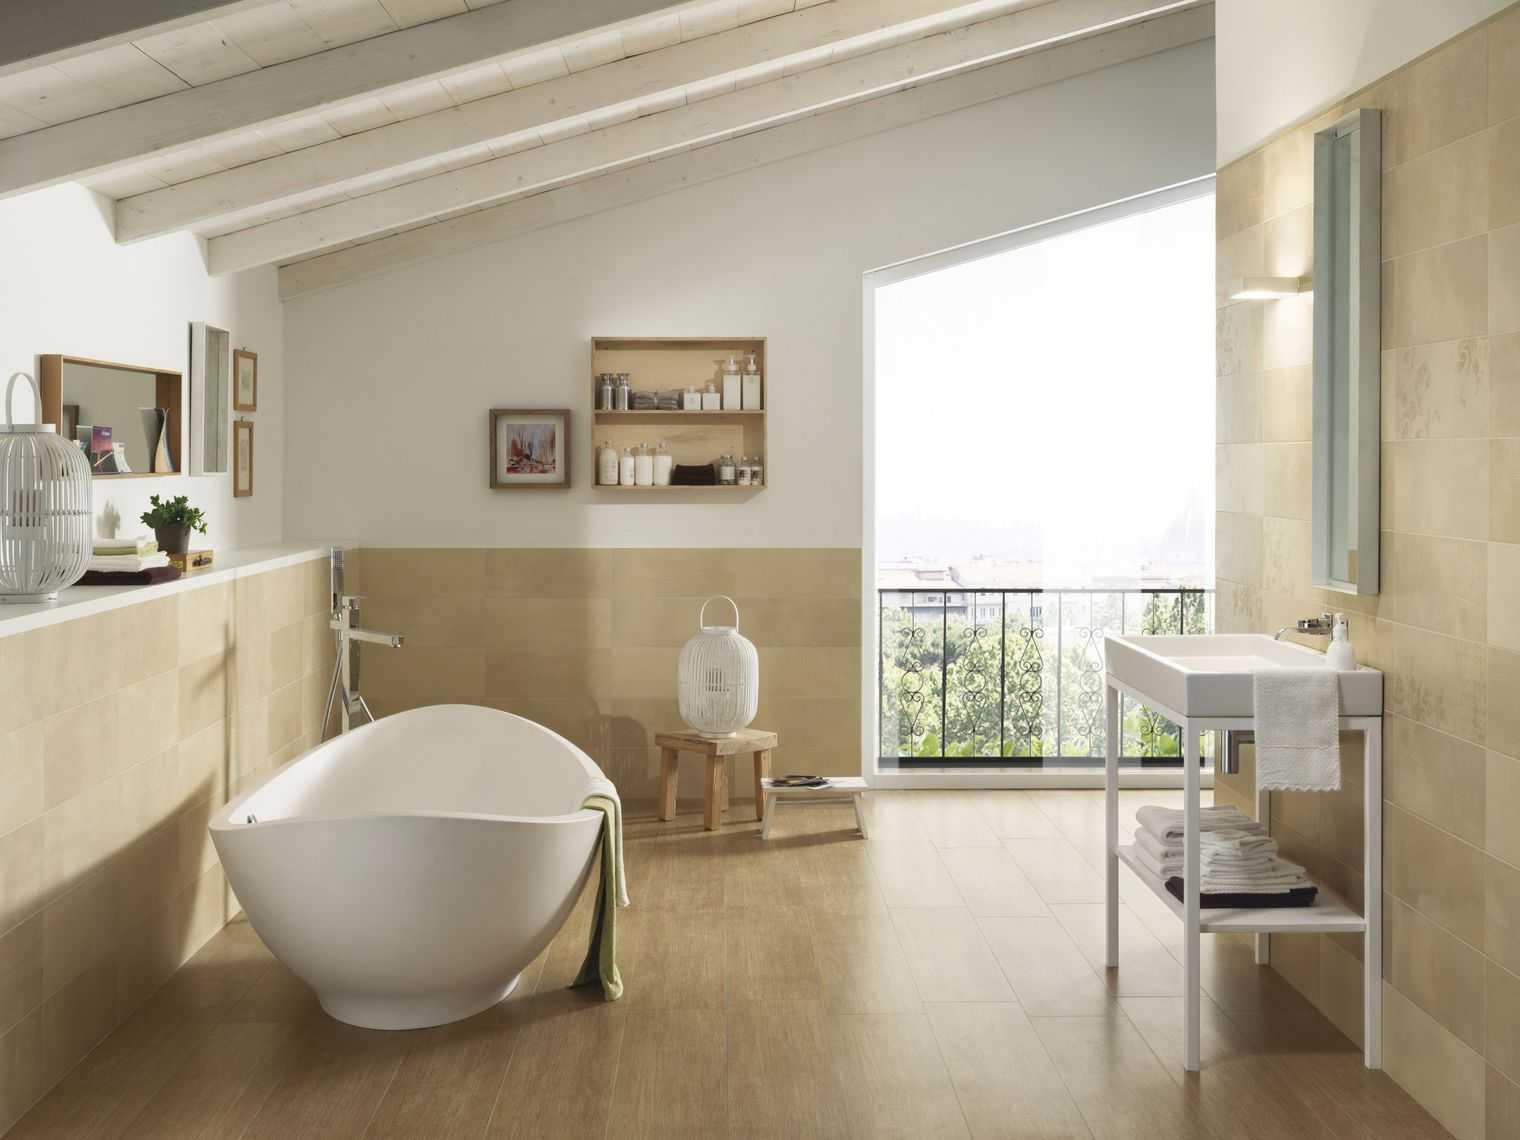 Carrelage salle de bain nature zen